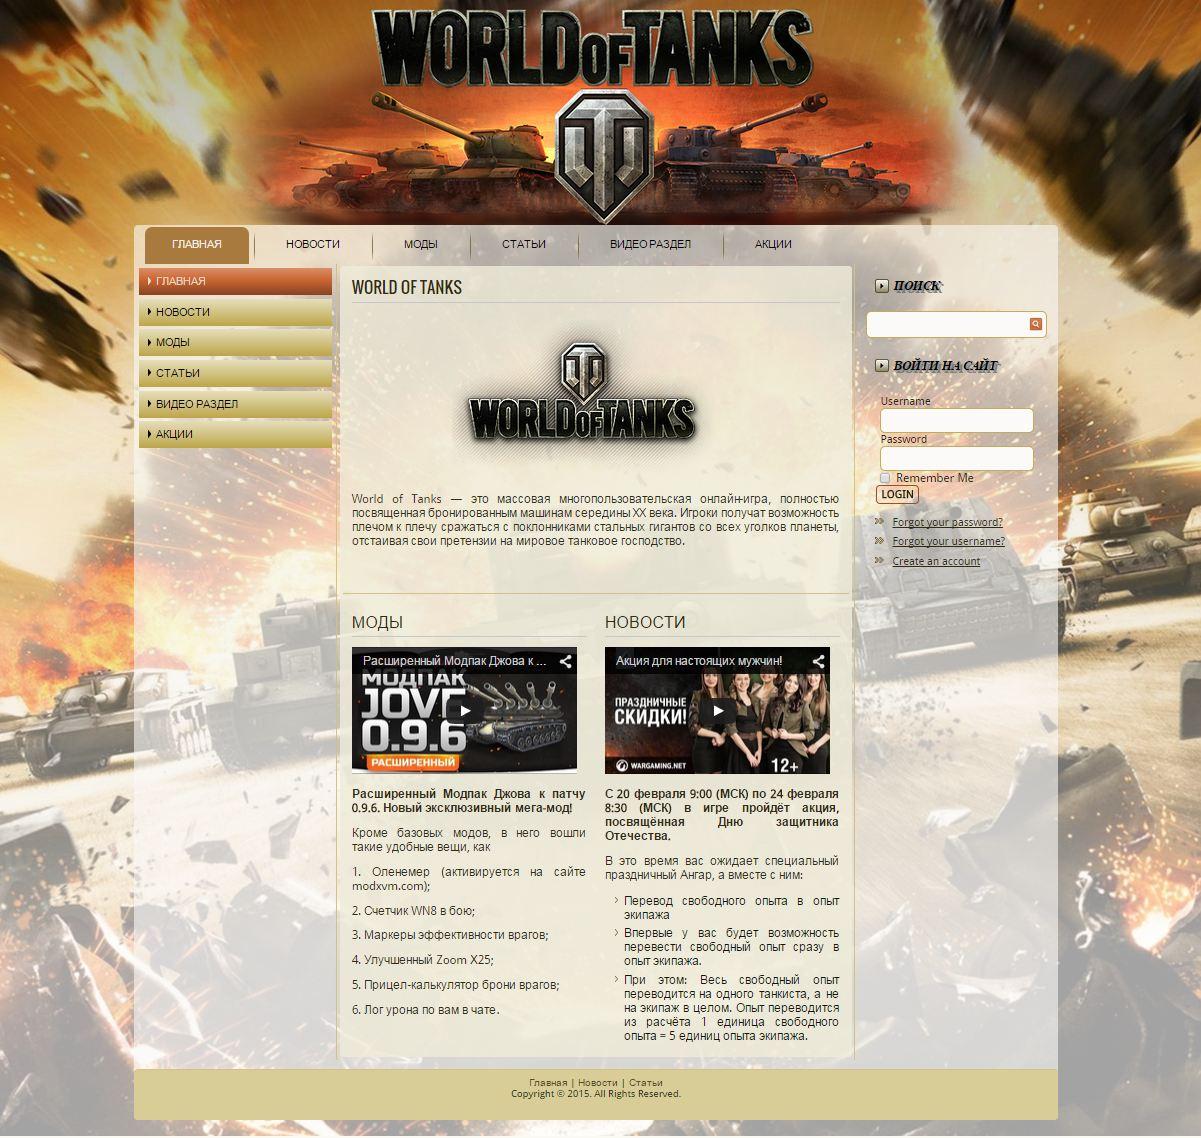 Скачать шаблон для для world of tanks